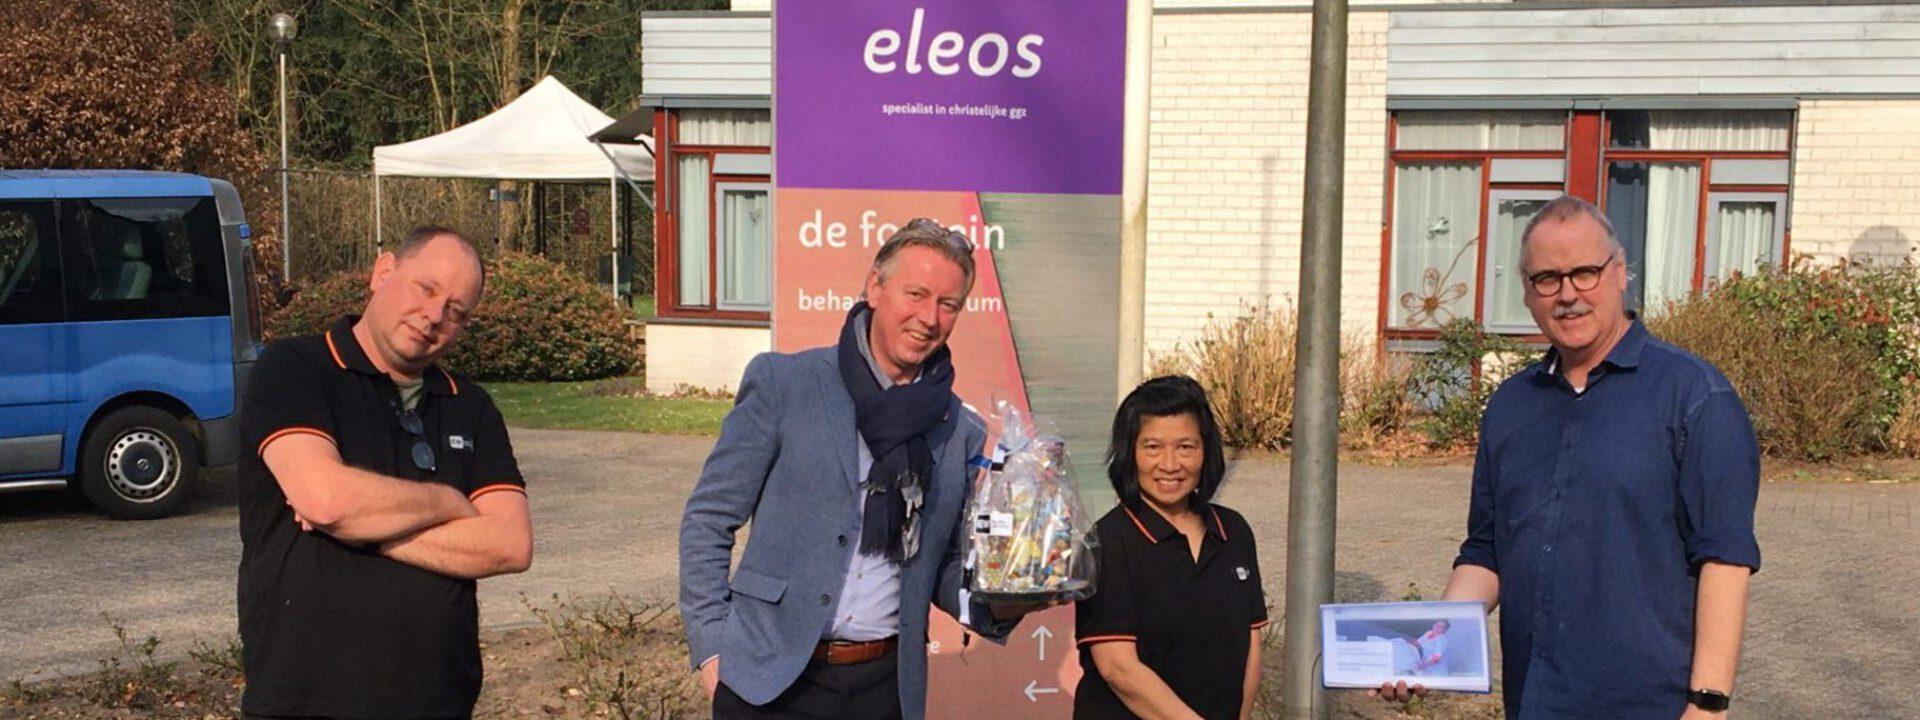 GGZ-locatie Eleos de fontein vindt in EW Facility Services een professionele partner die ontzorgt